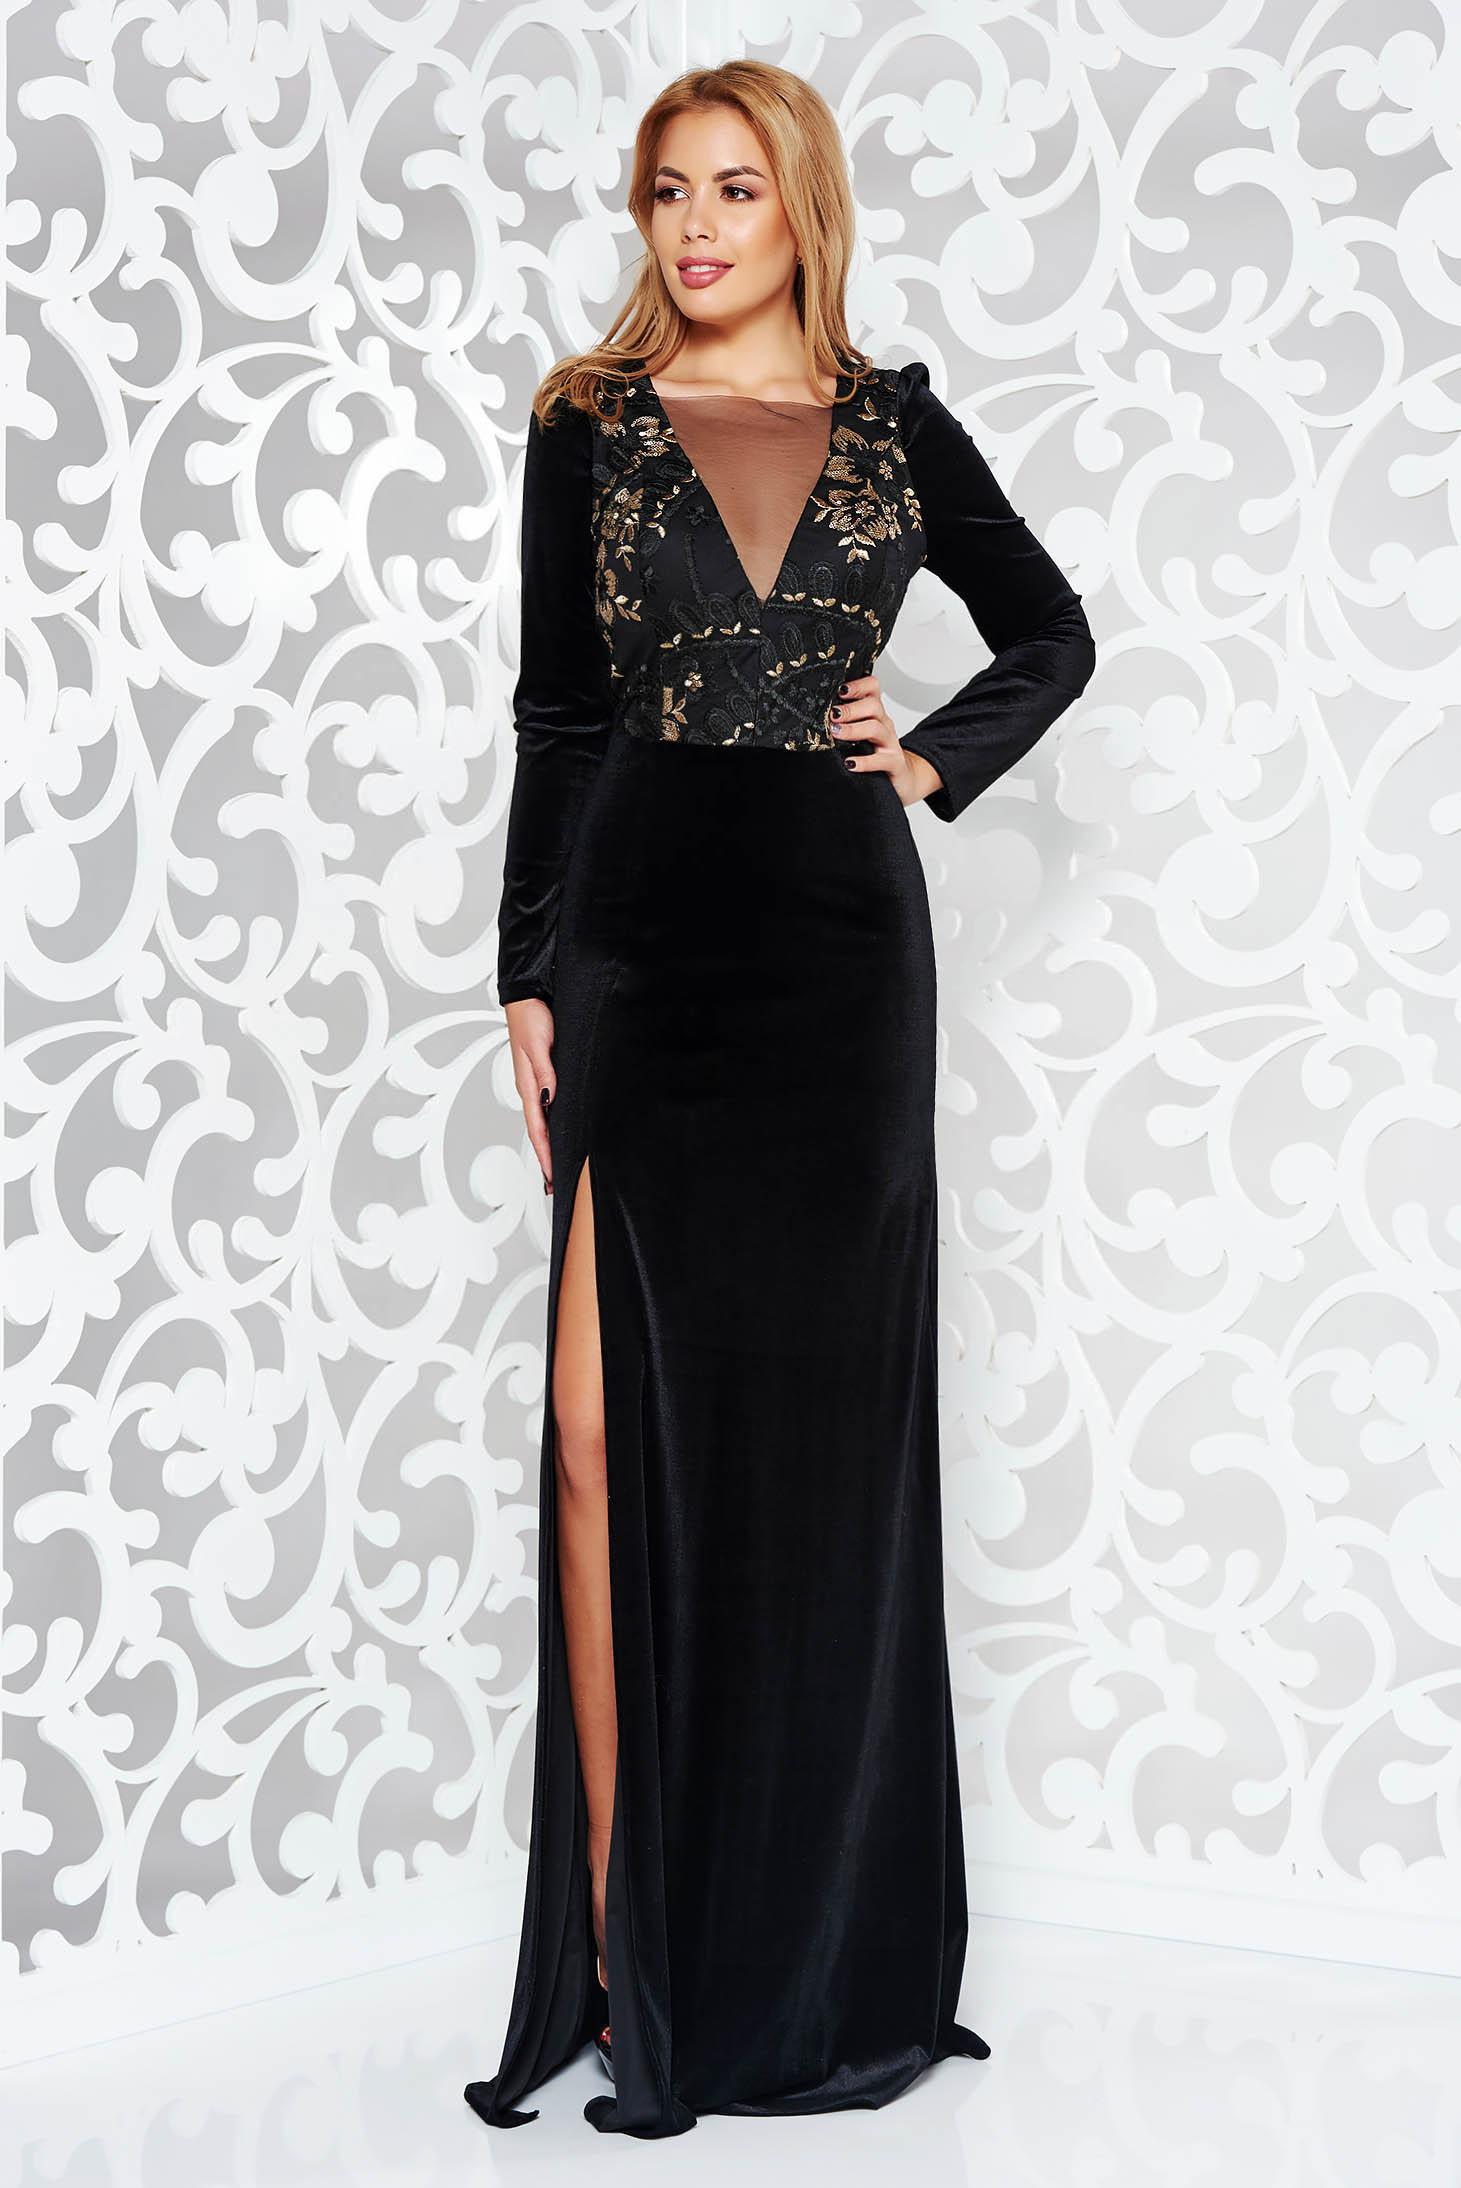 5b6cb4744d Alkalmi hosszú ujjú Artista ruha fekete bársony